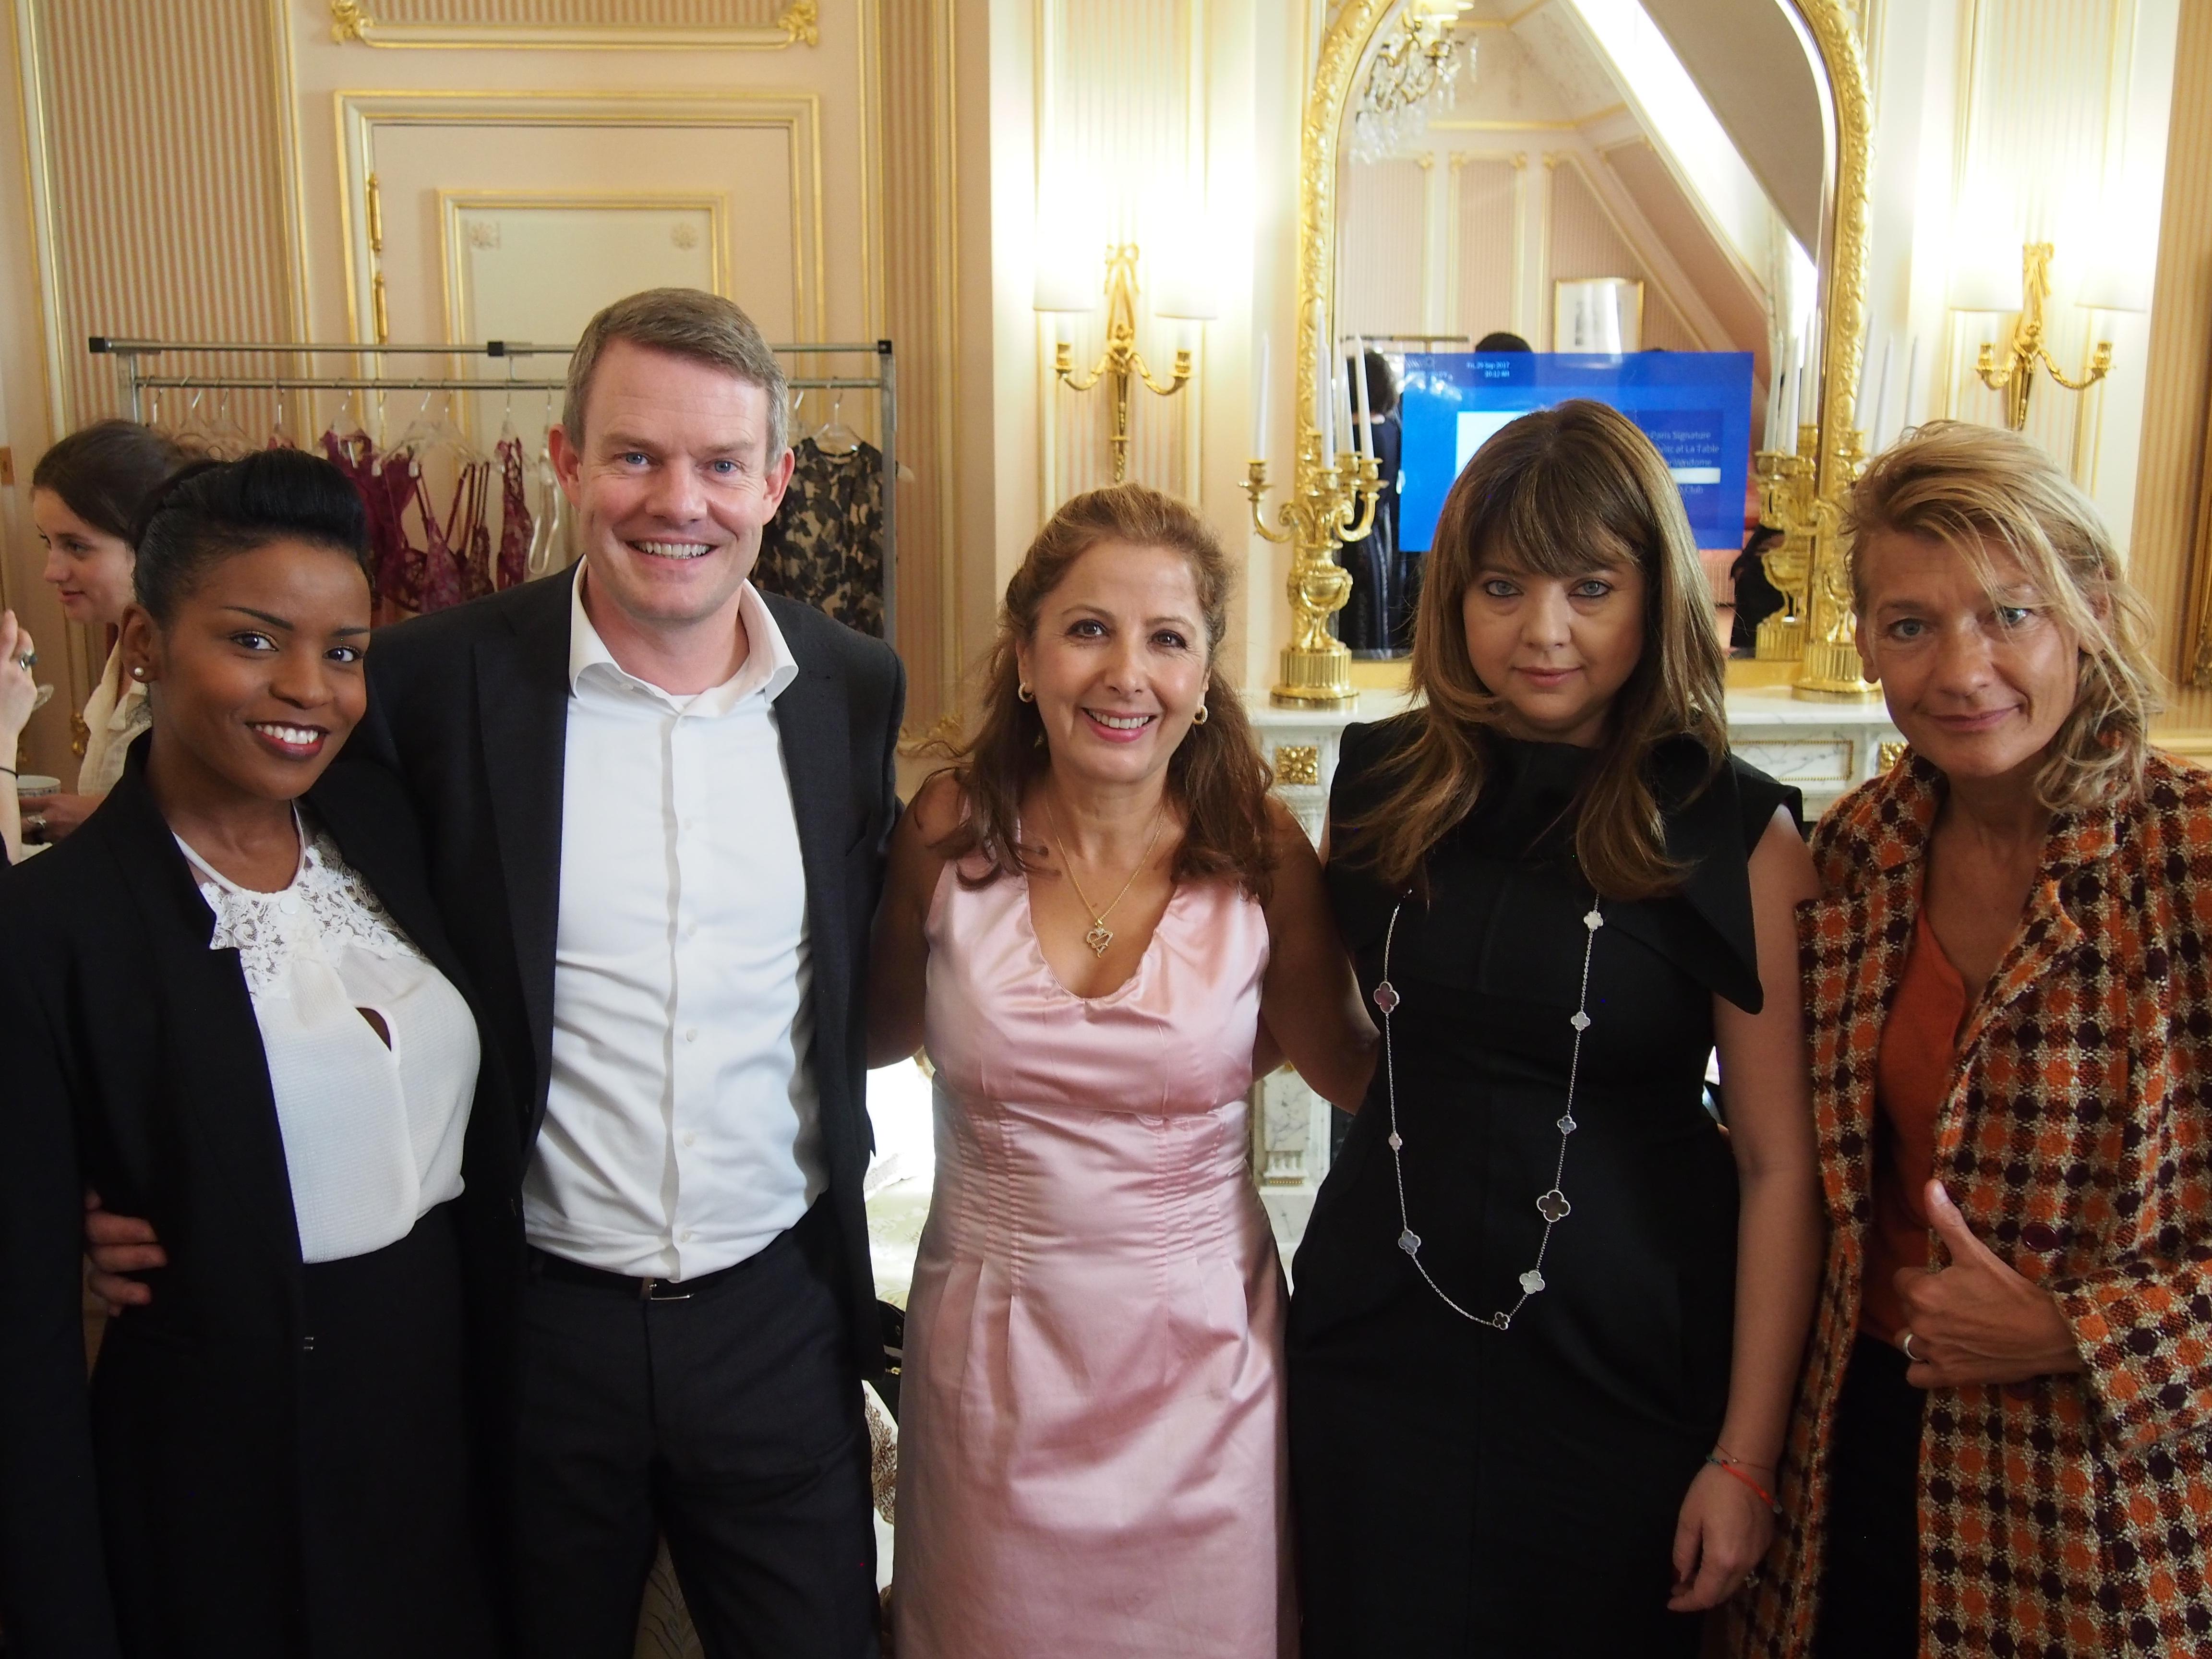 Martine Geromegnace, Stephan Borchert, Karine Ohana, Iulia Dobrin and Frédérique Picard.